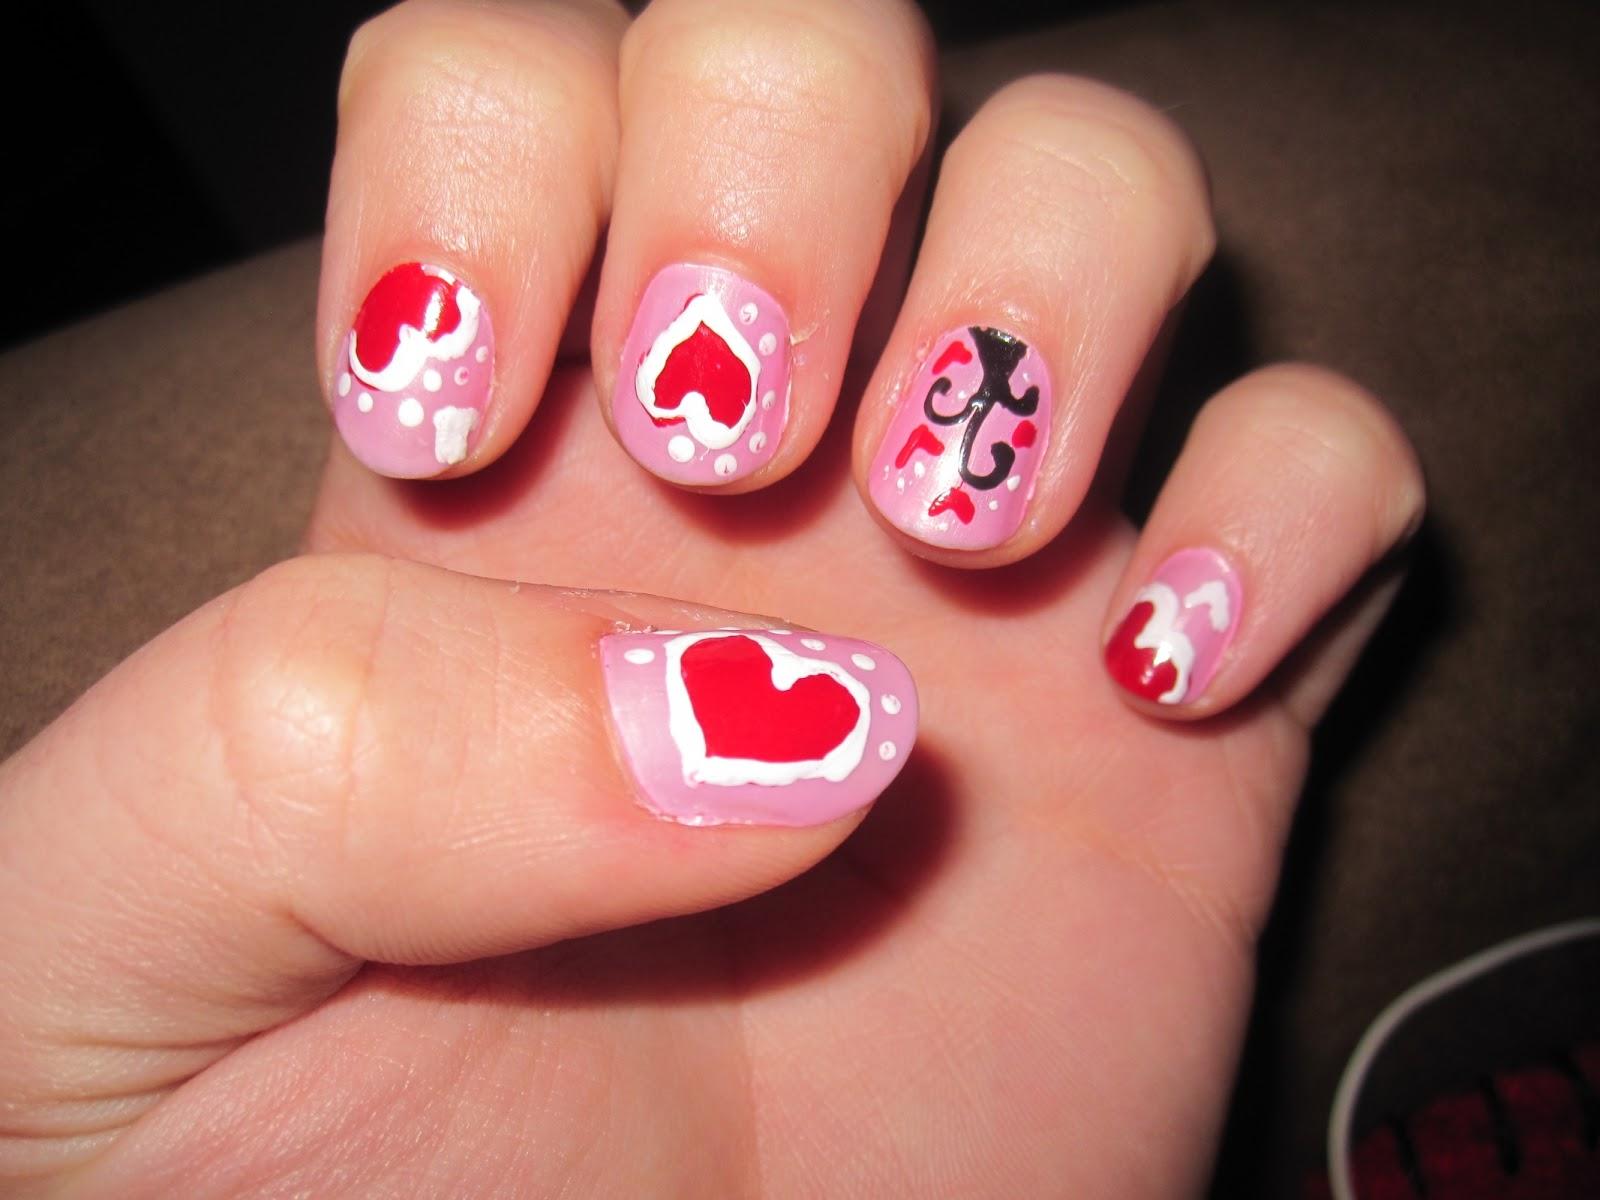 Cute nail polish designs for short nails 30 beautiful short nail art ideas ink your nail cute nail polish designs for short prinsesfo Images